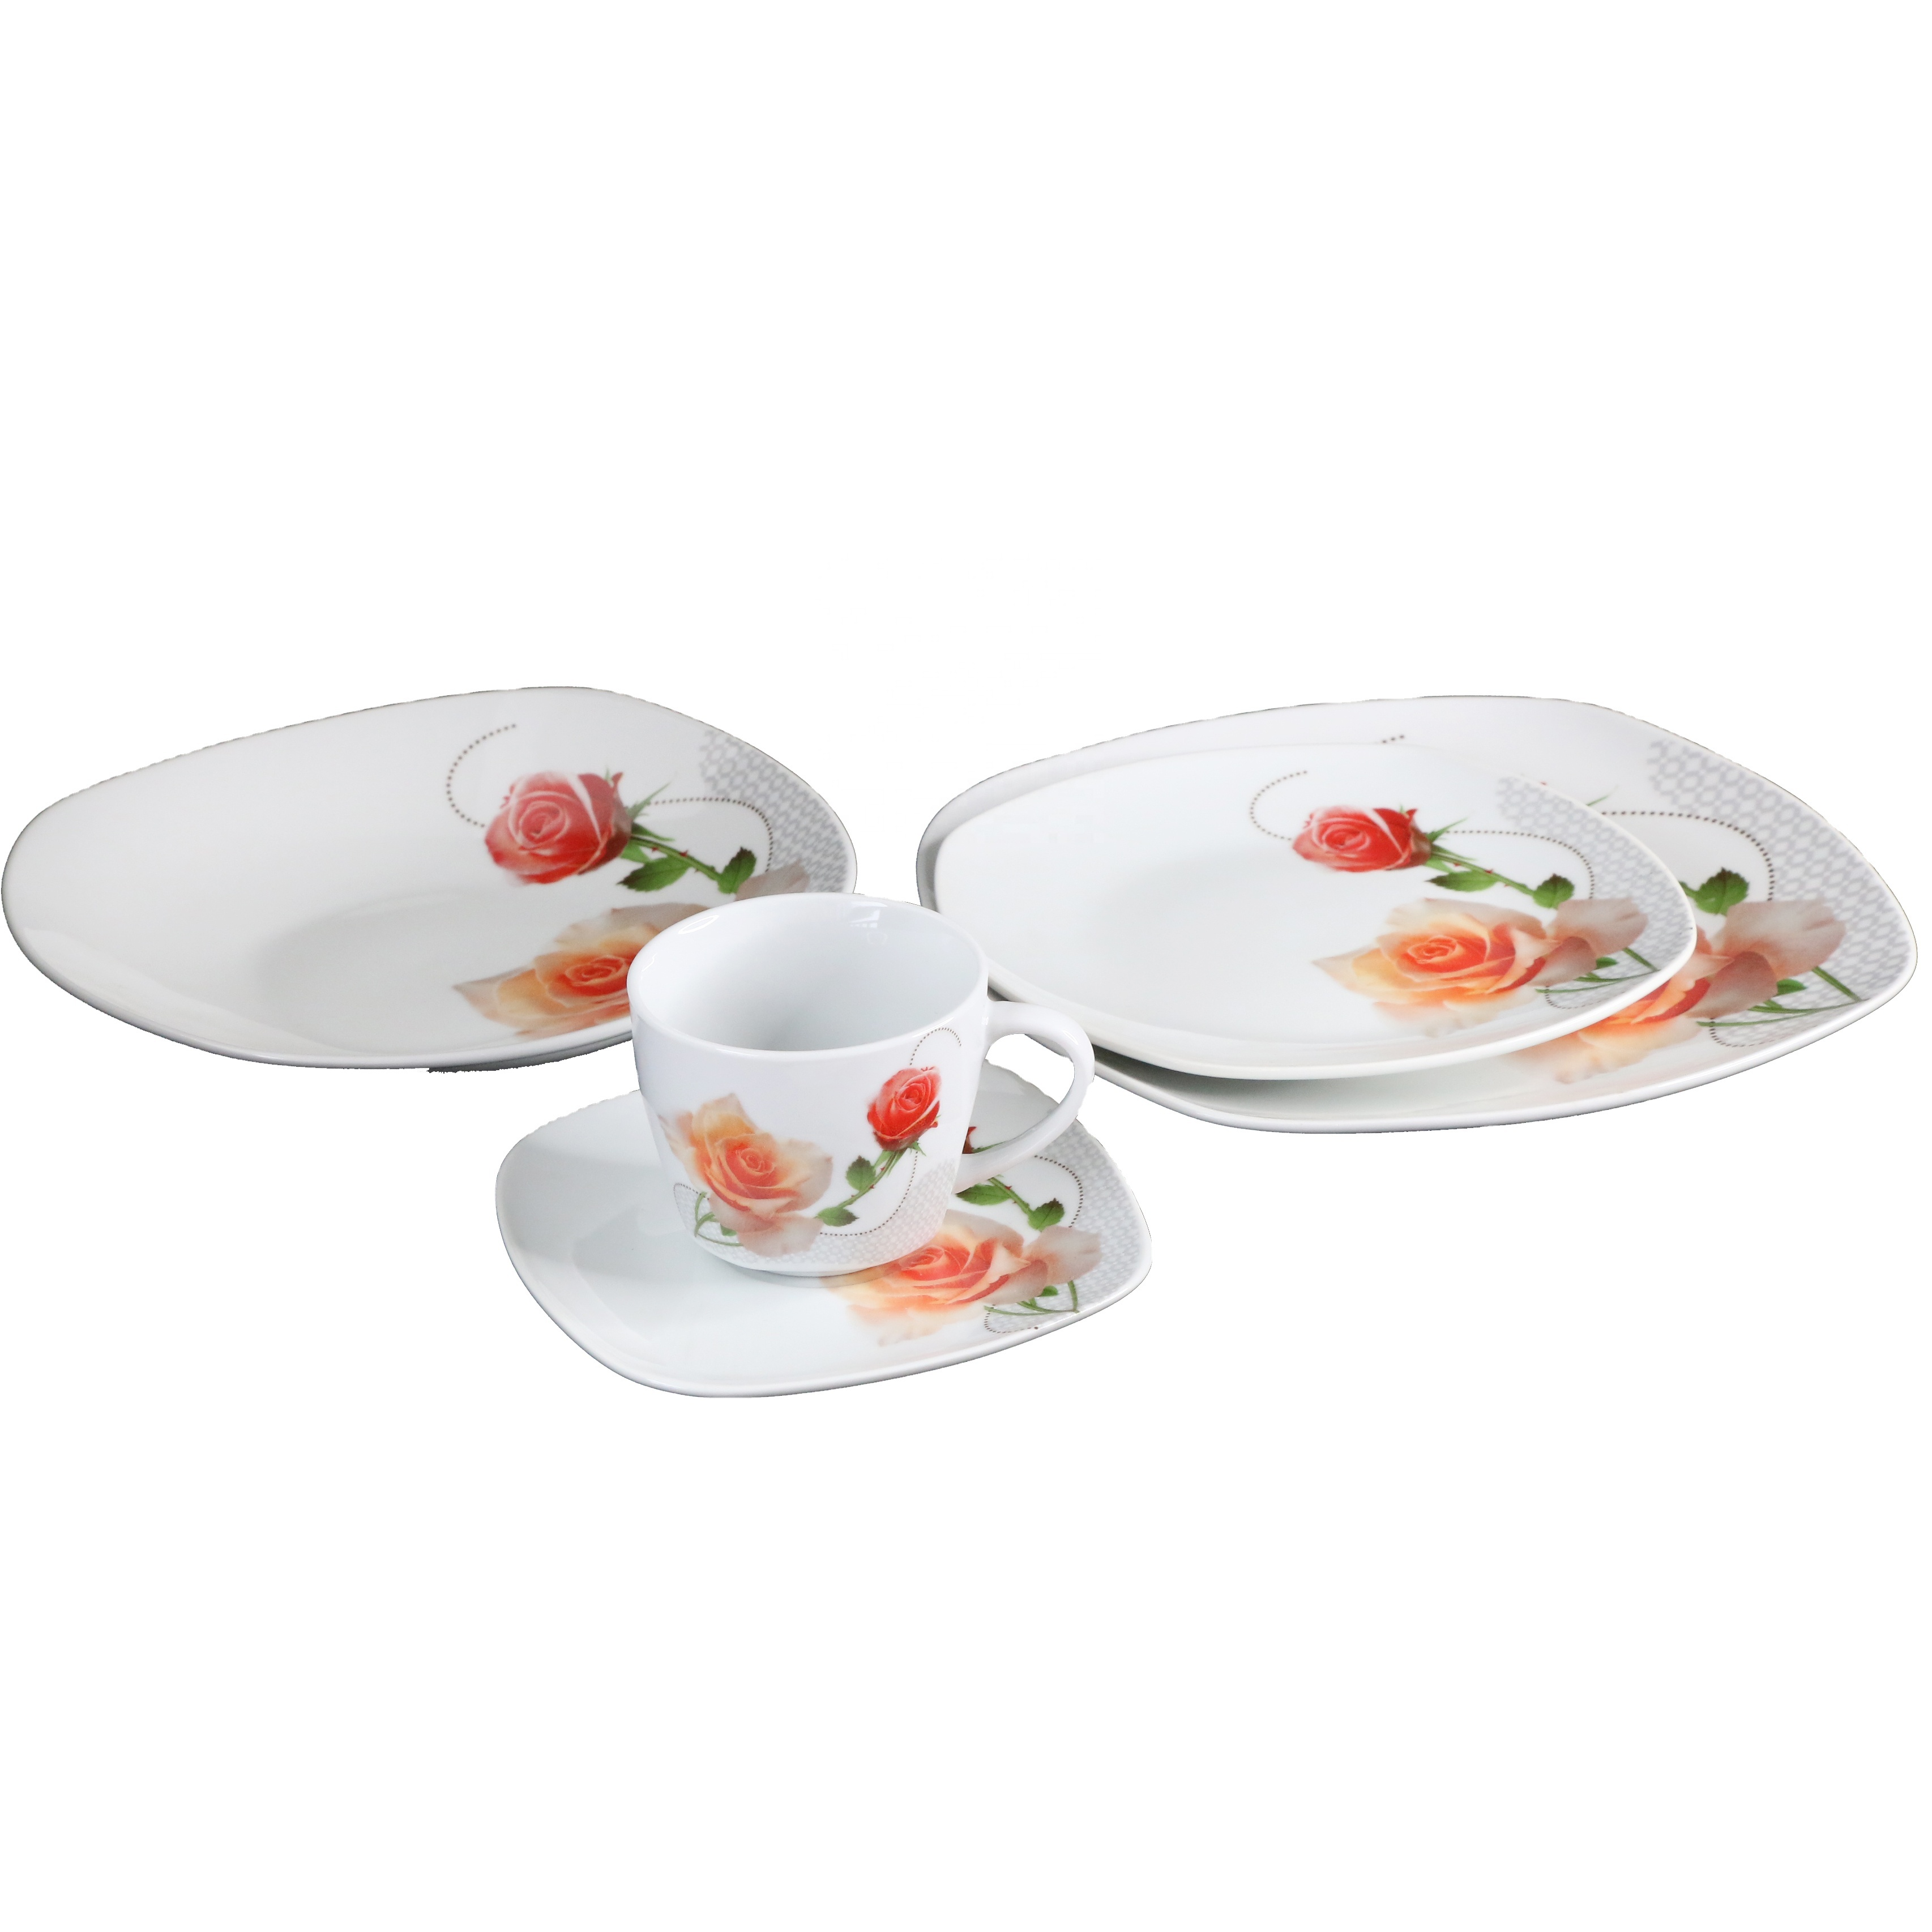 20 pièces en céramique nouvelle vaisselle en porcelaine 20 pièces ensembles de dîner, S-vaisselle de forme;